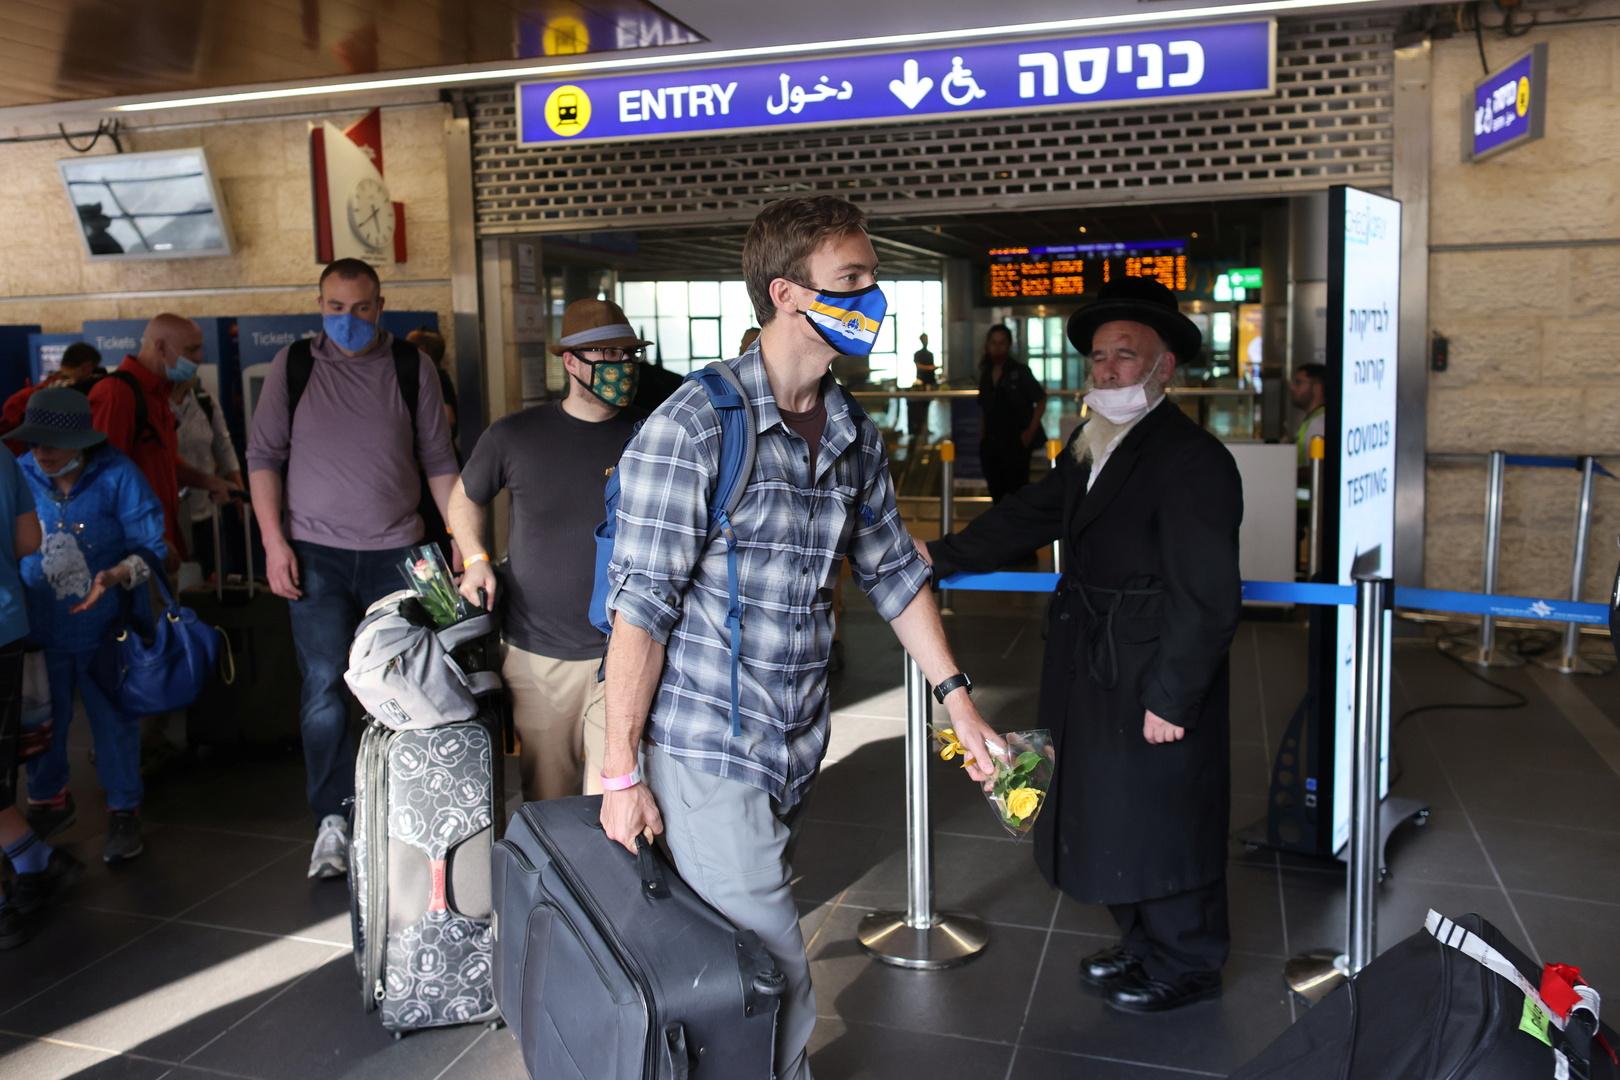 إسرائيل.. تحذيرات من إمكانية إغلاق مطار بن غوريون بسبب ارتفاع إصابات كورونا